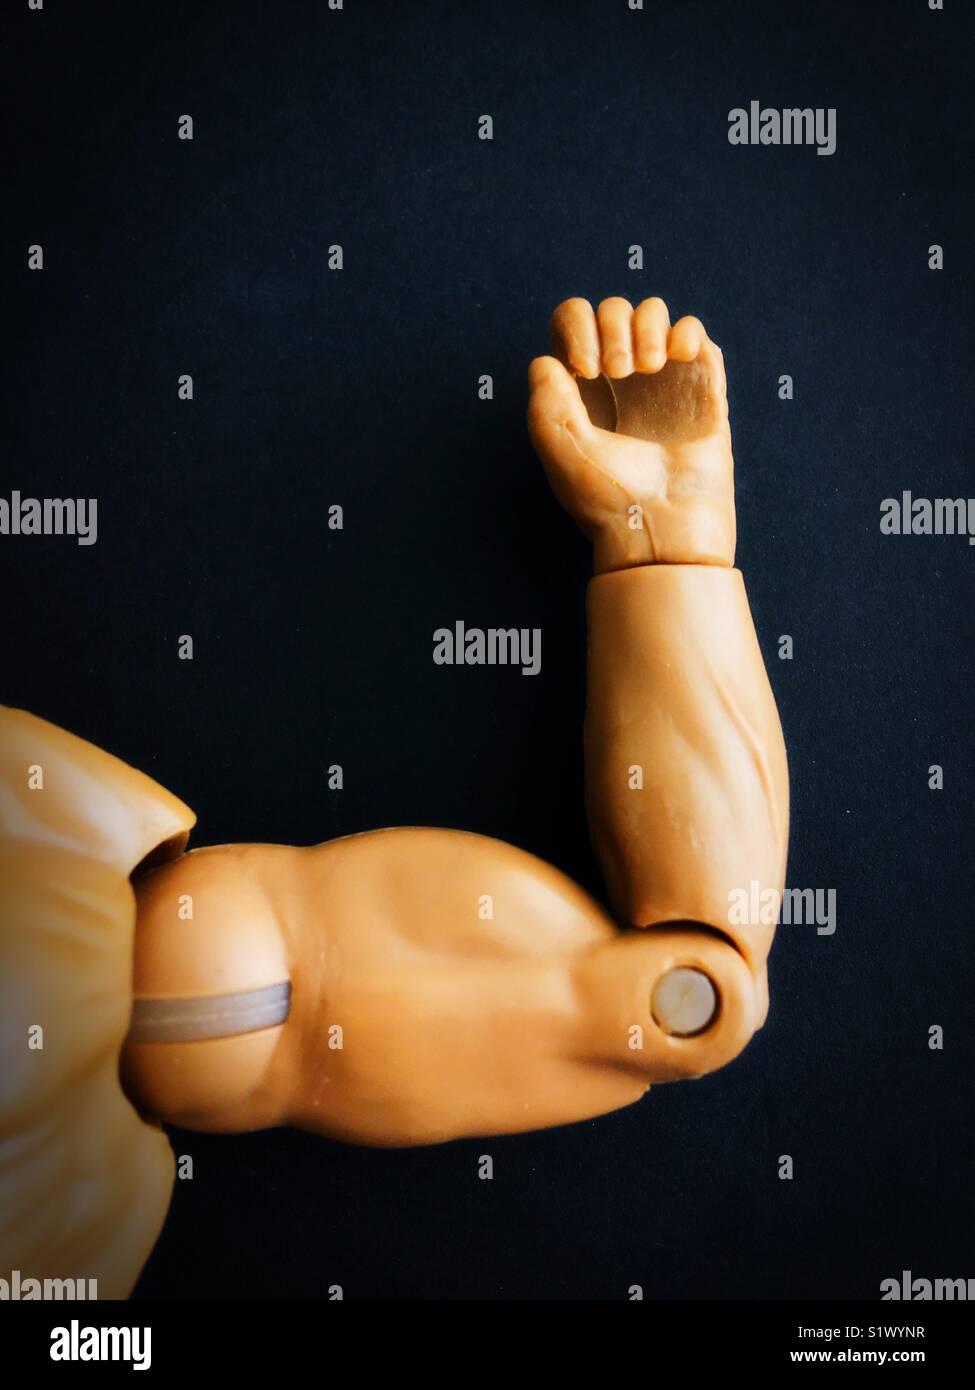 Cerca de un macho de plástico muñeca flexión del brazo el músculo. Imagen De Stock